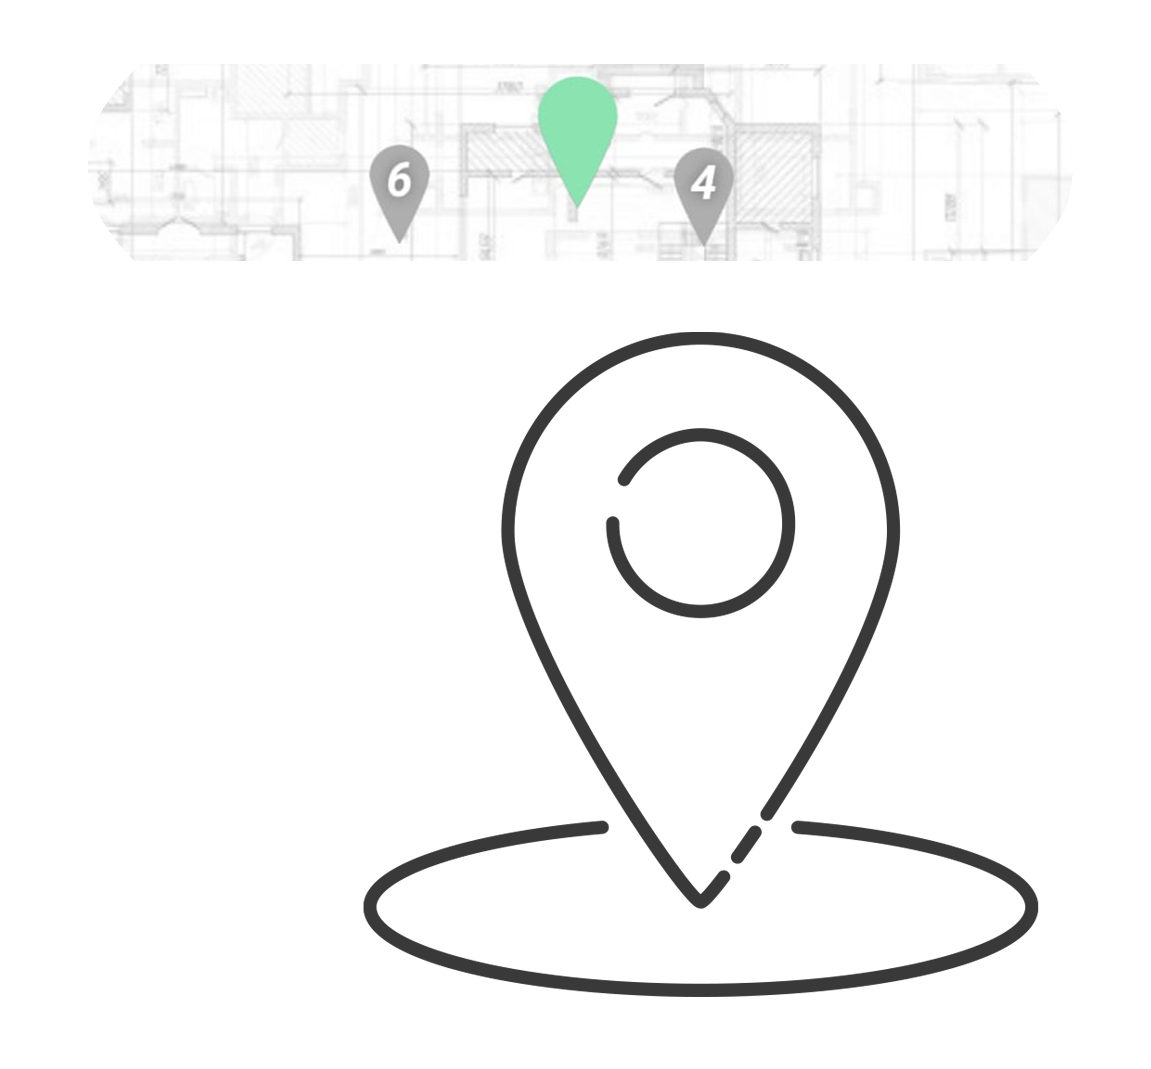 Symbol Standortmarkierung